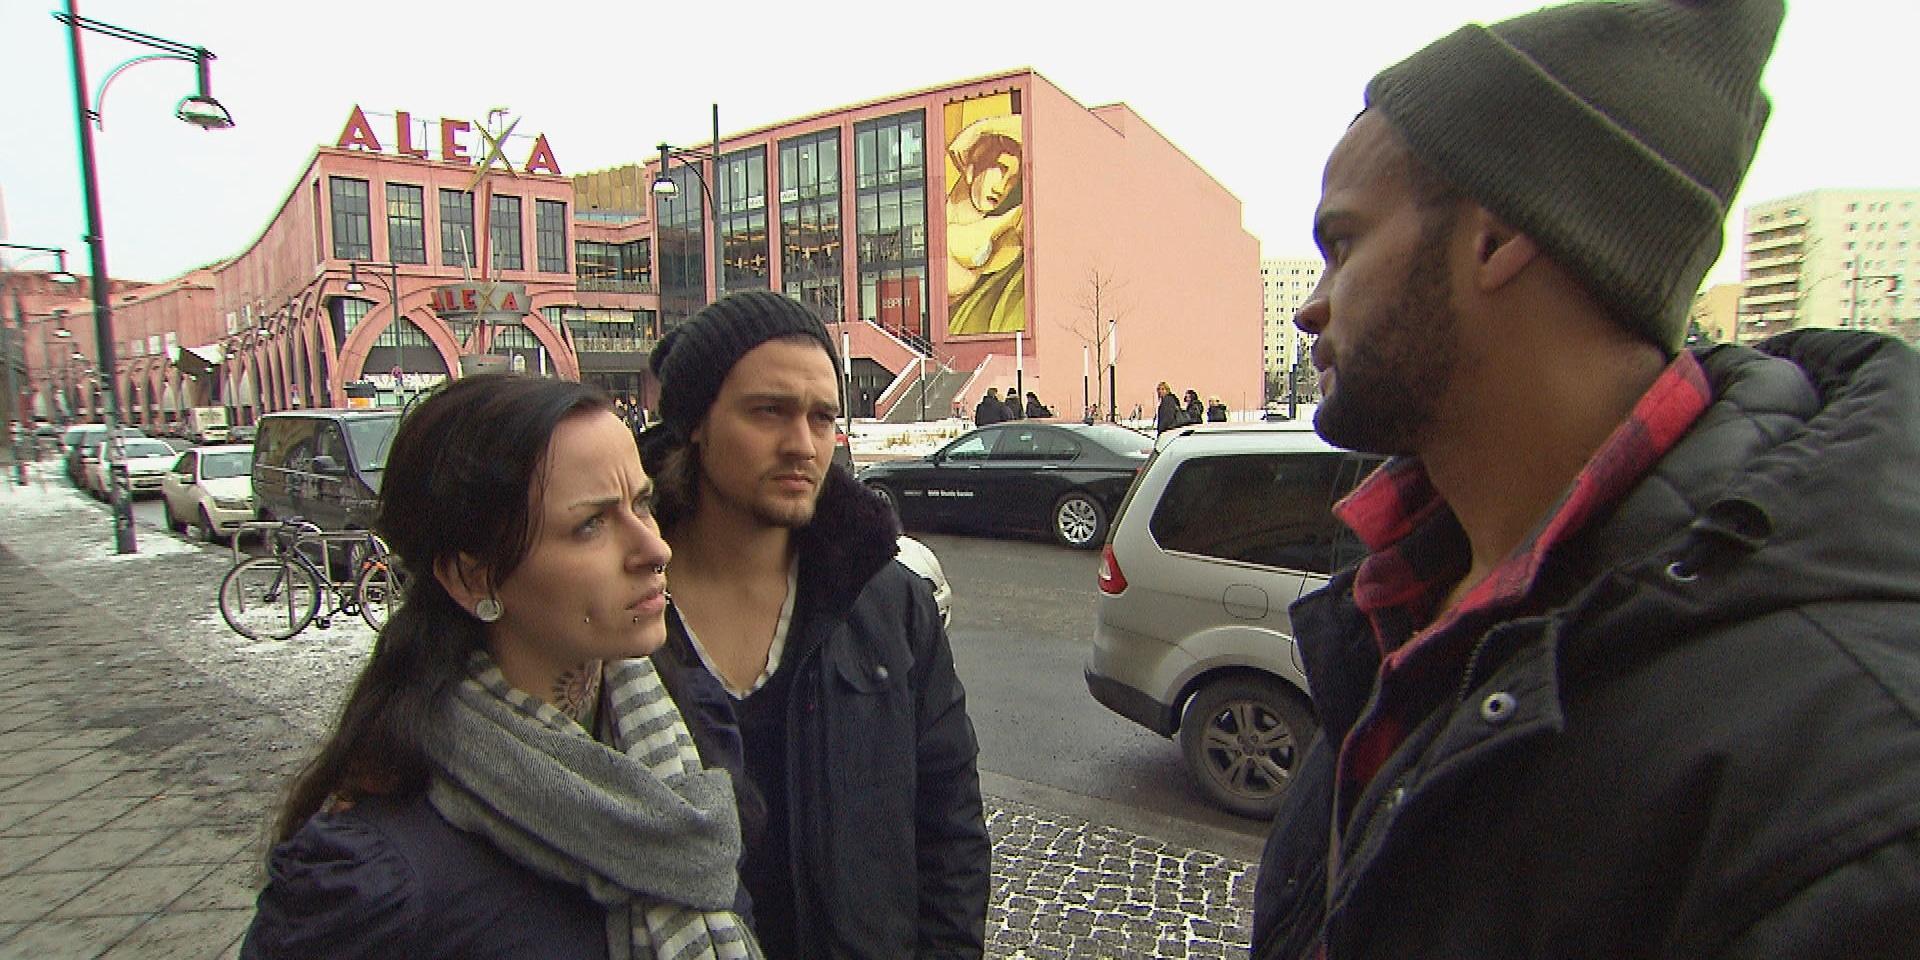 Berlin Tag und Nacht: Krätze zwischen Miri und Hanna! - TV News